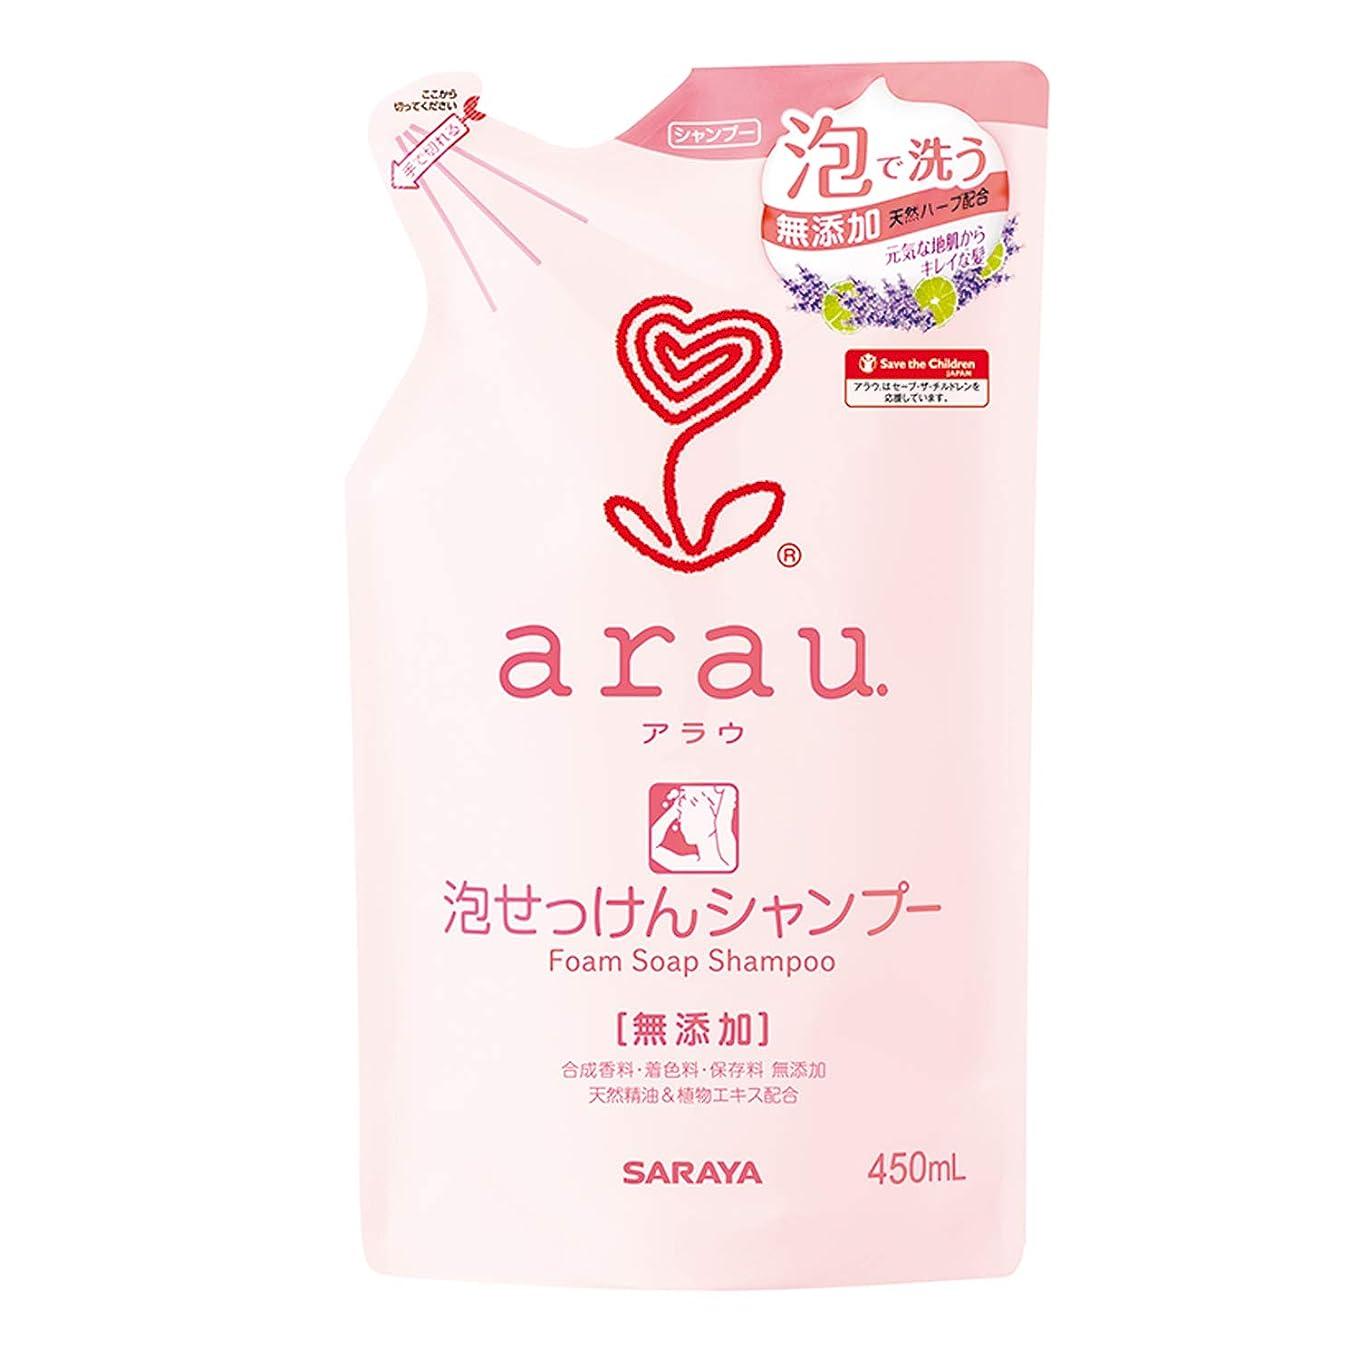 異形気分が良い試験arau. アラウ 泡せっけんシャンプー 詰替用 450ml